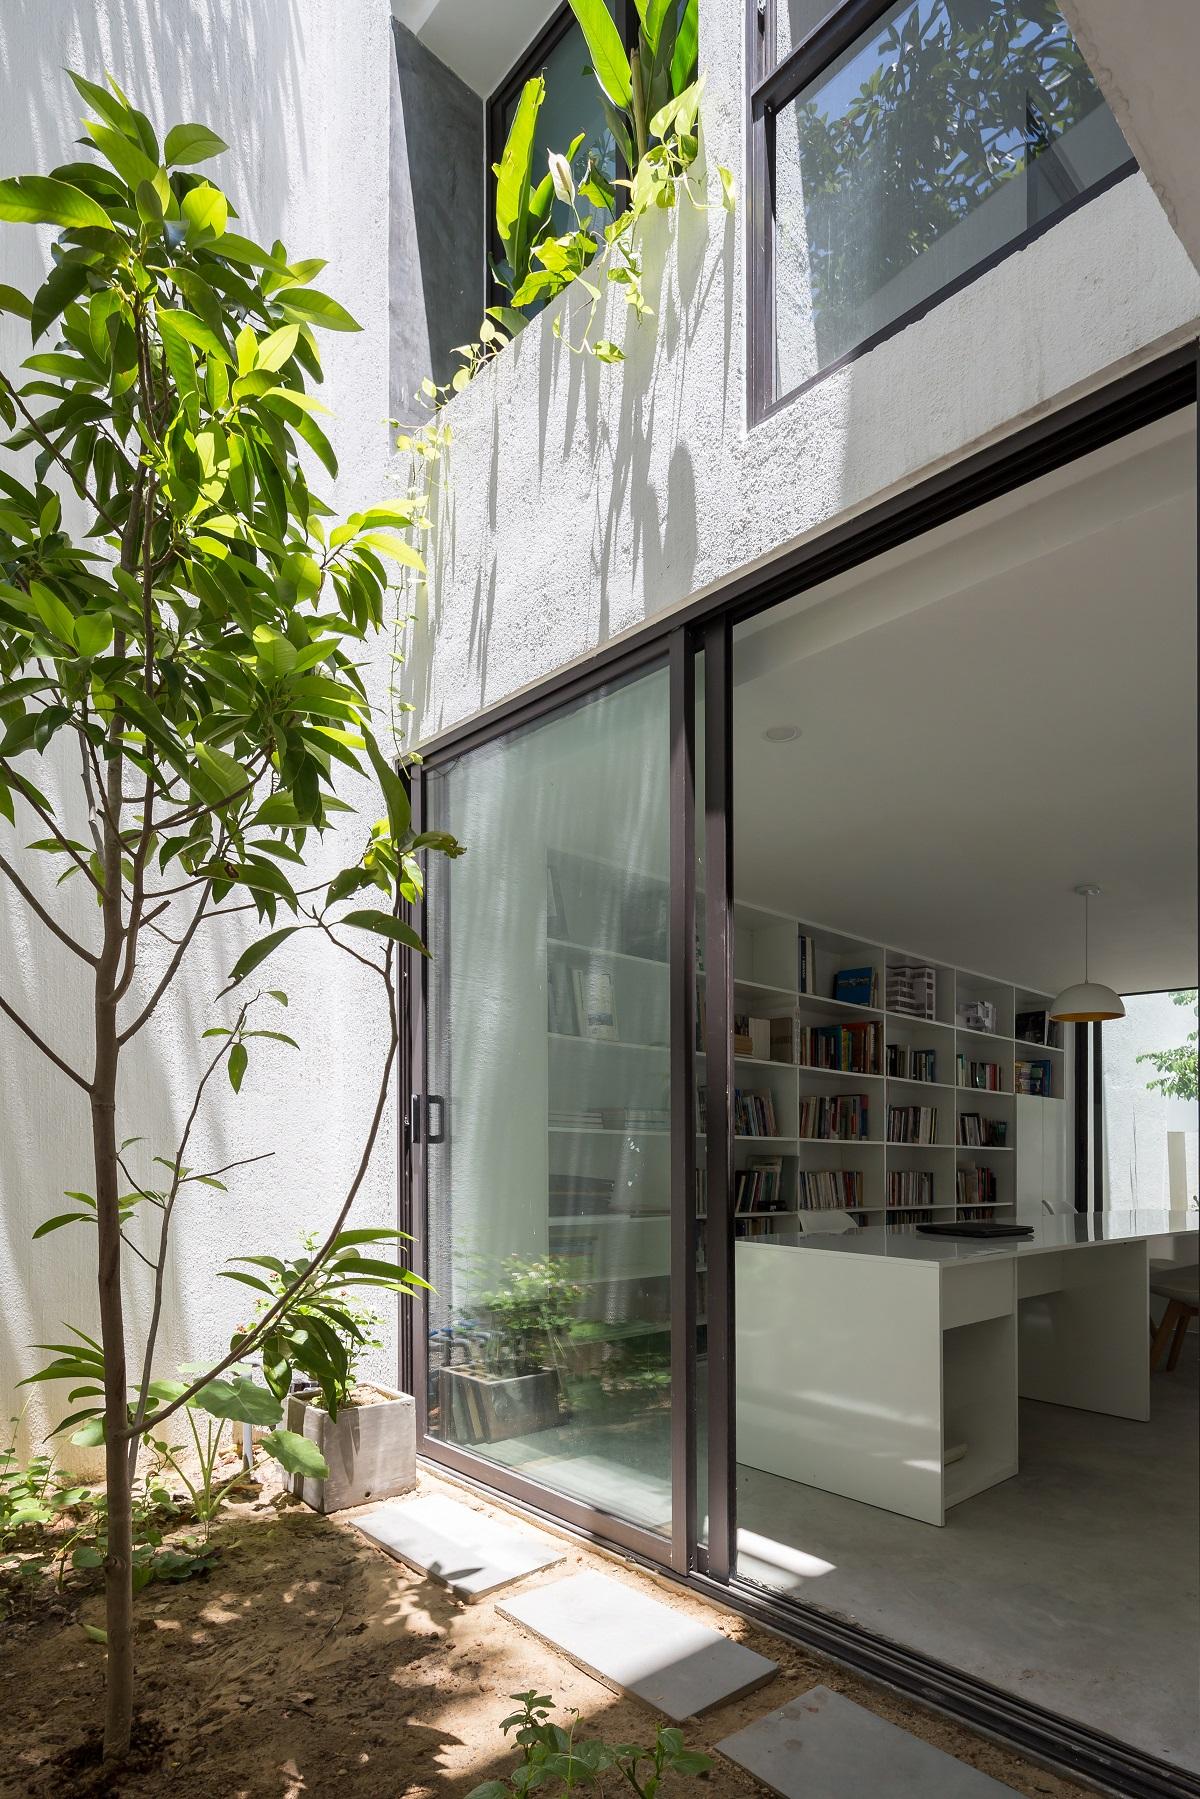 5.5.5 1 - Nhà Mệ Loan - Khoảng trời đón nắng trong ngõ nhỏ   H-H Studio